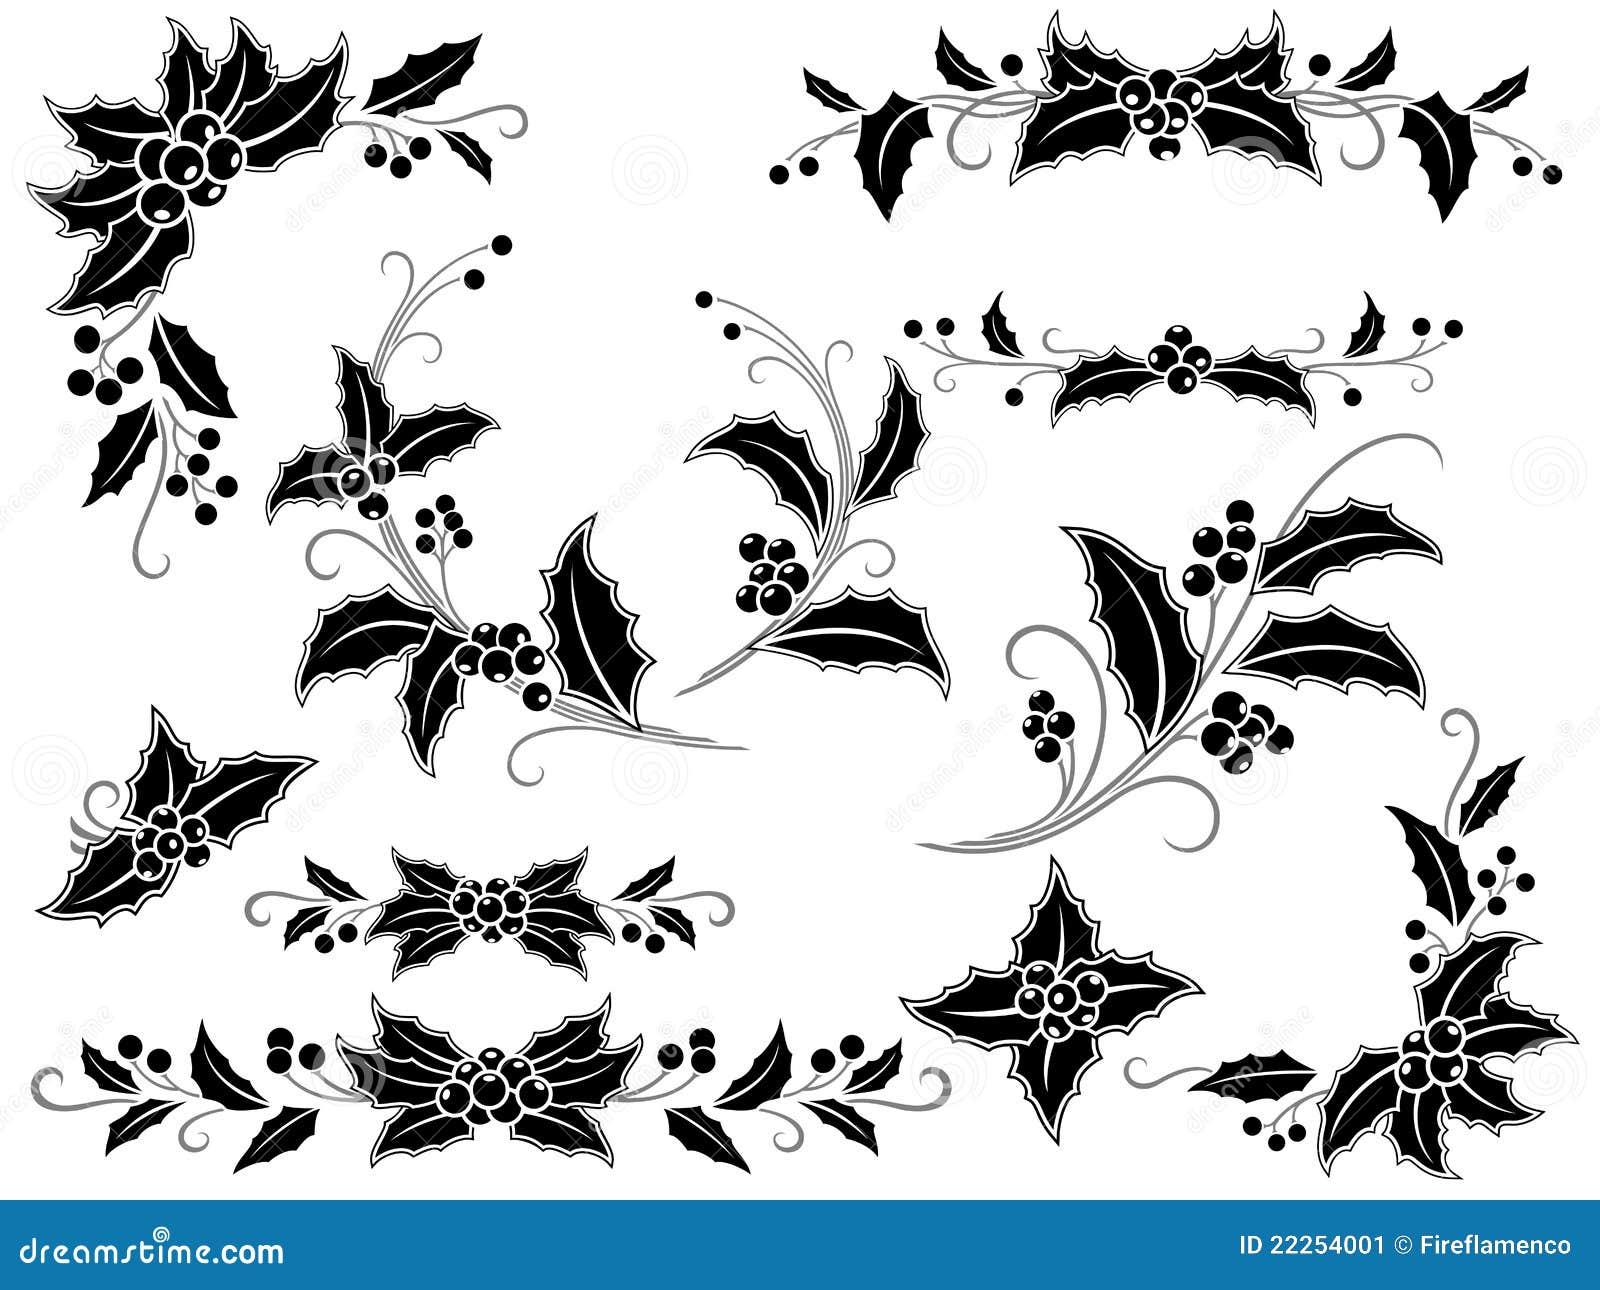 bf7d8b6e81 Decorazione In Bianco E Nero Dell'agrifoglio Di Natale Illustrazione ...